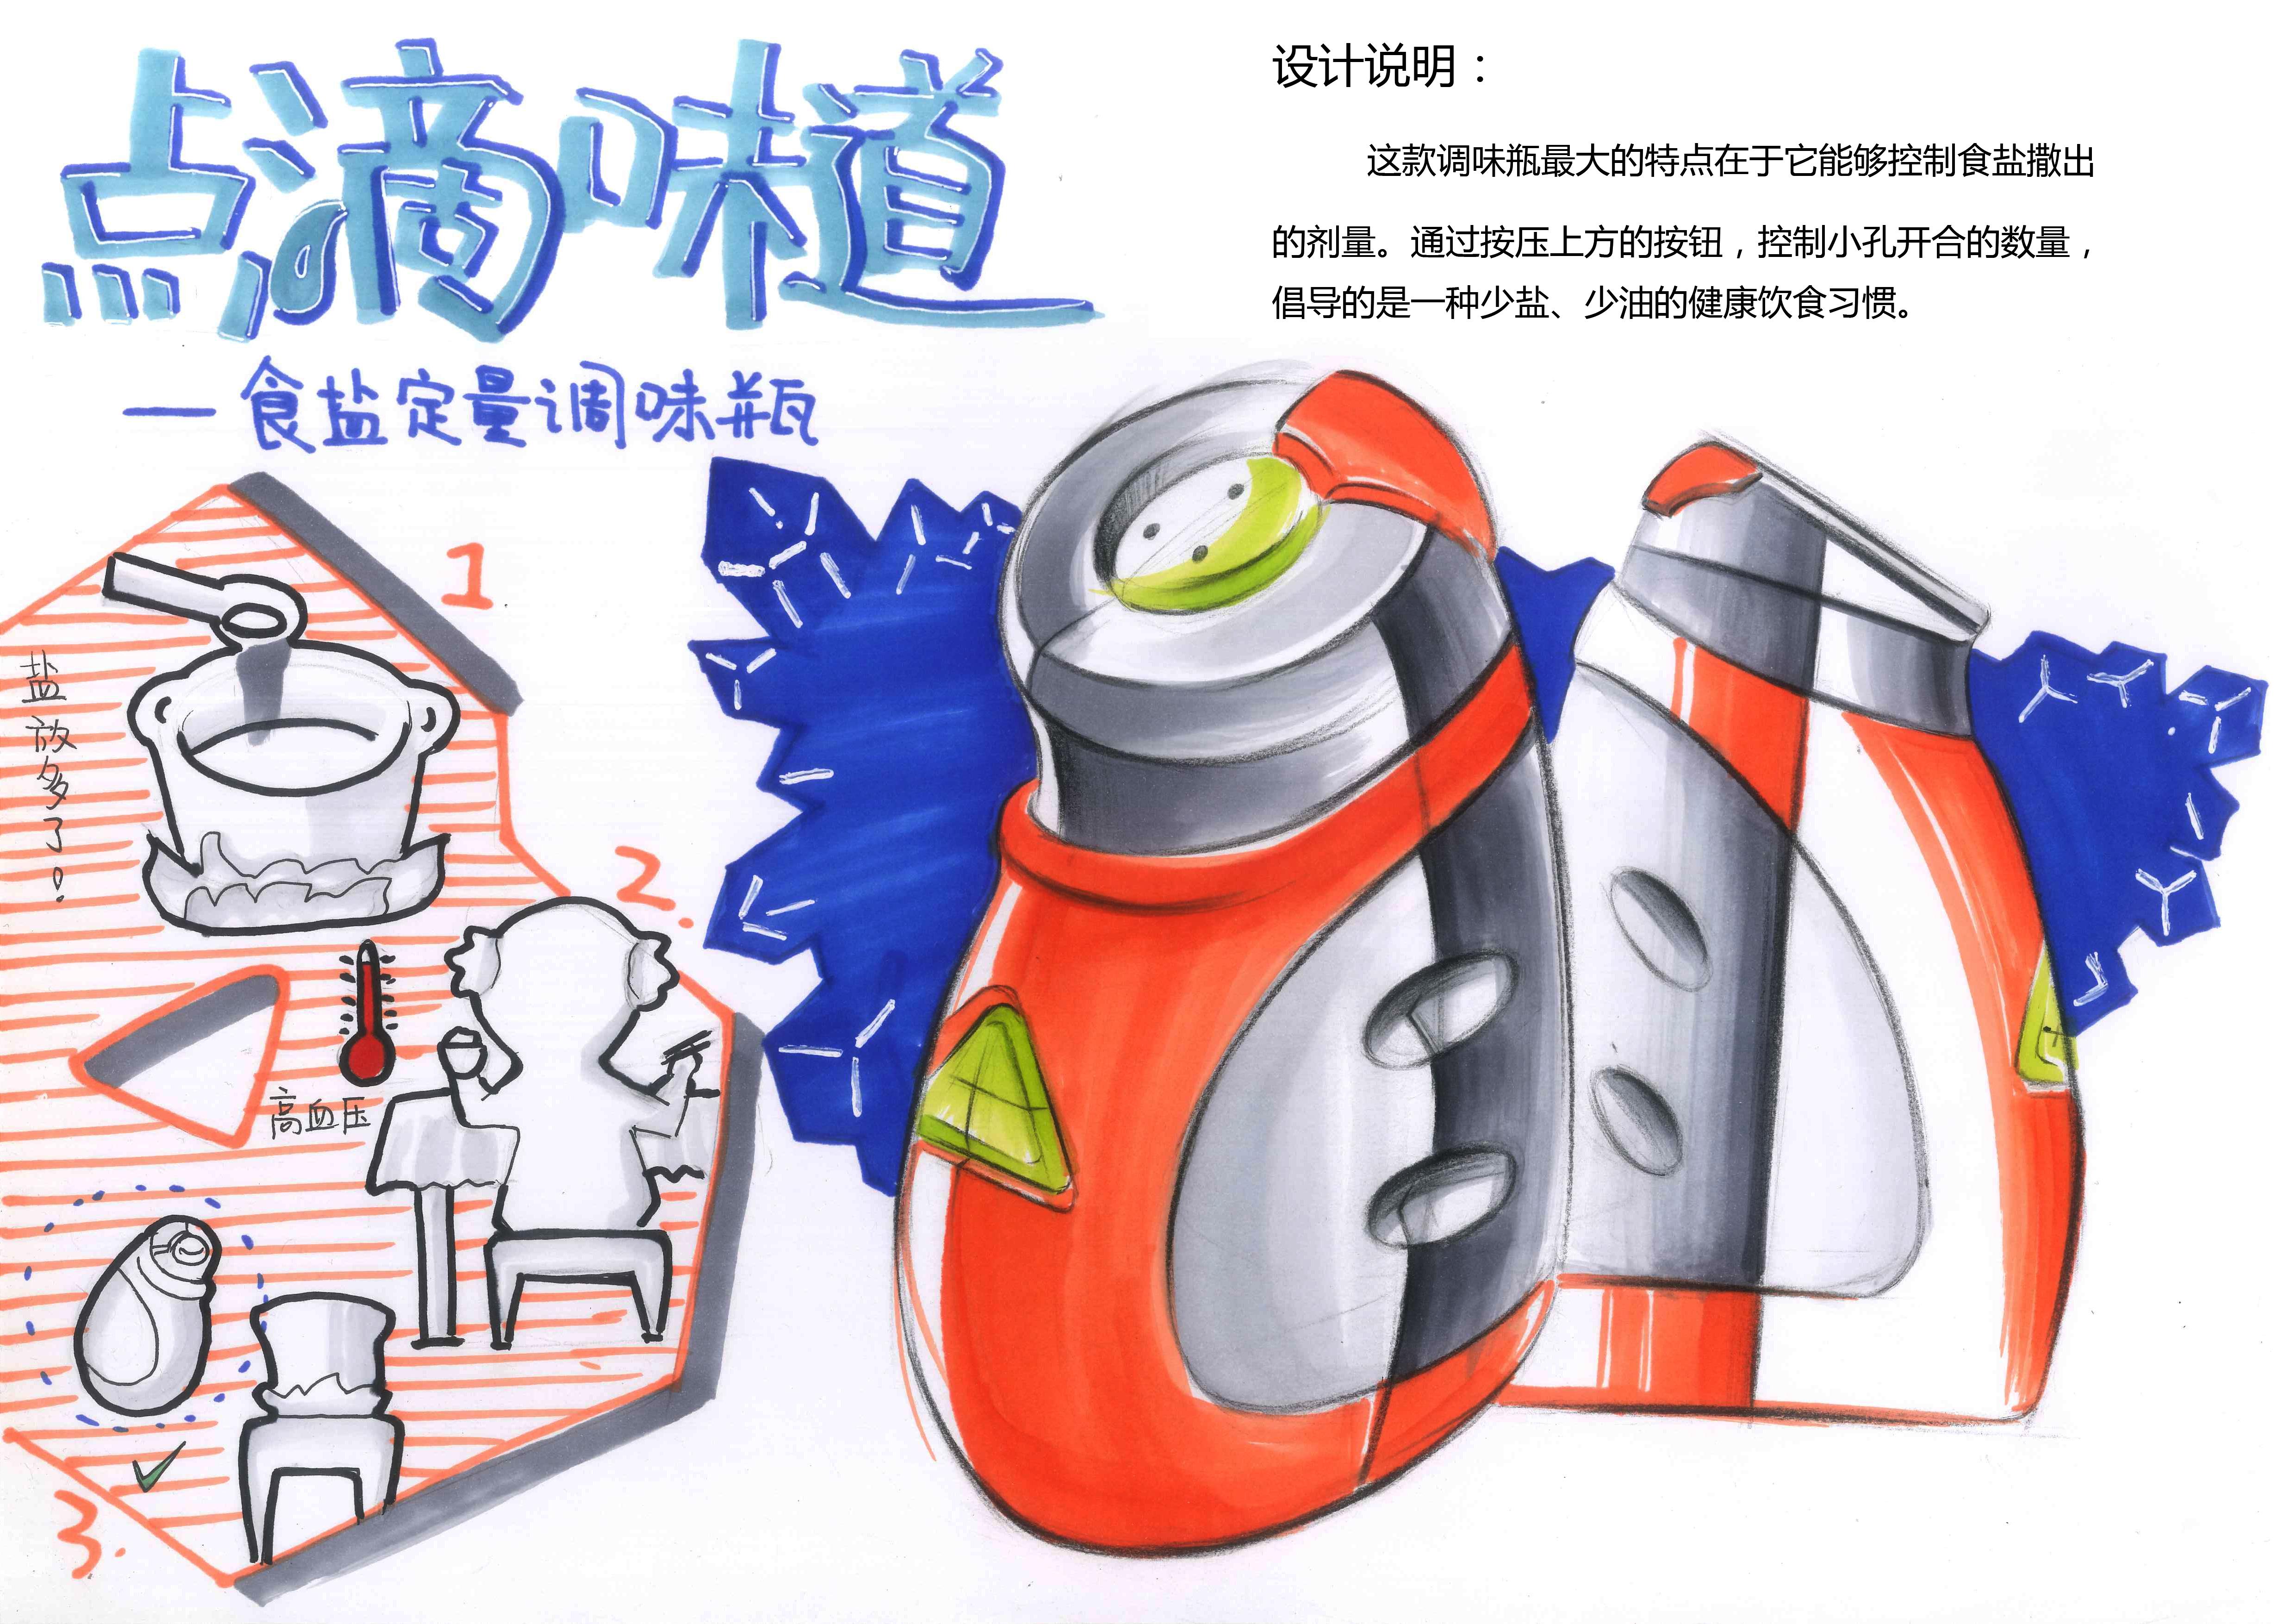 工业设计手绘|工业/产品|工业用品/机械|dhao115